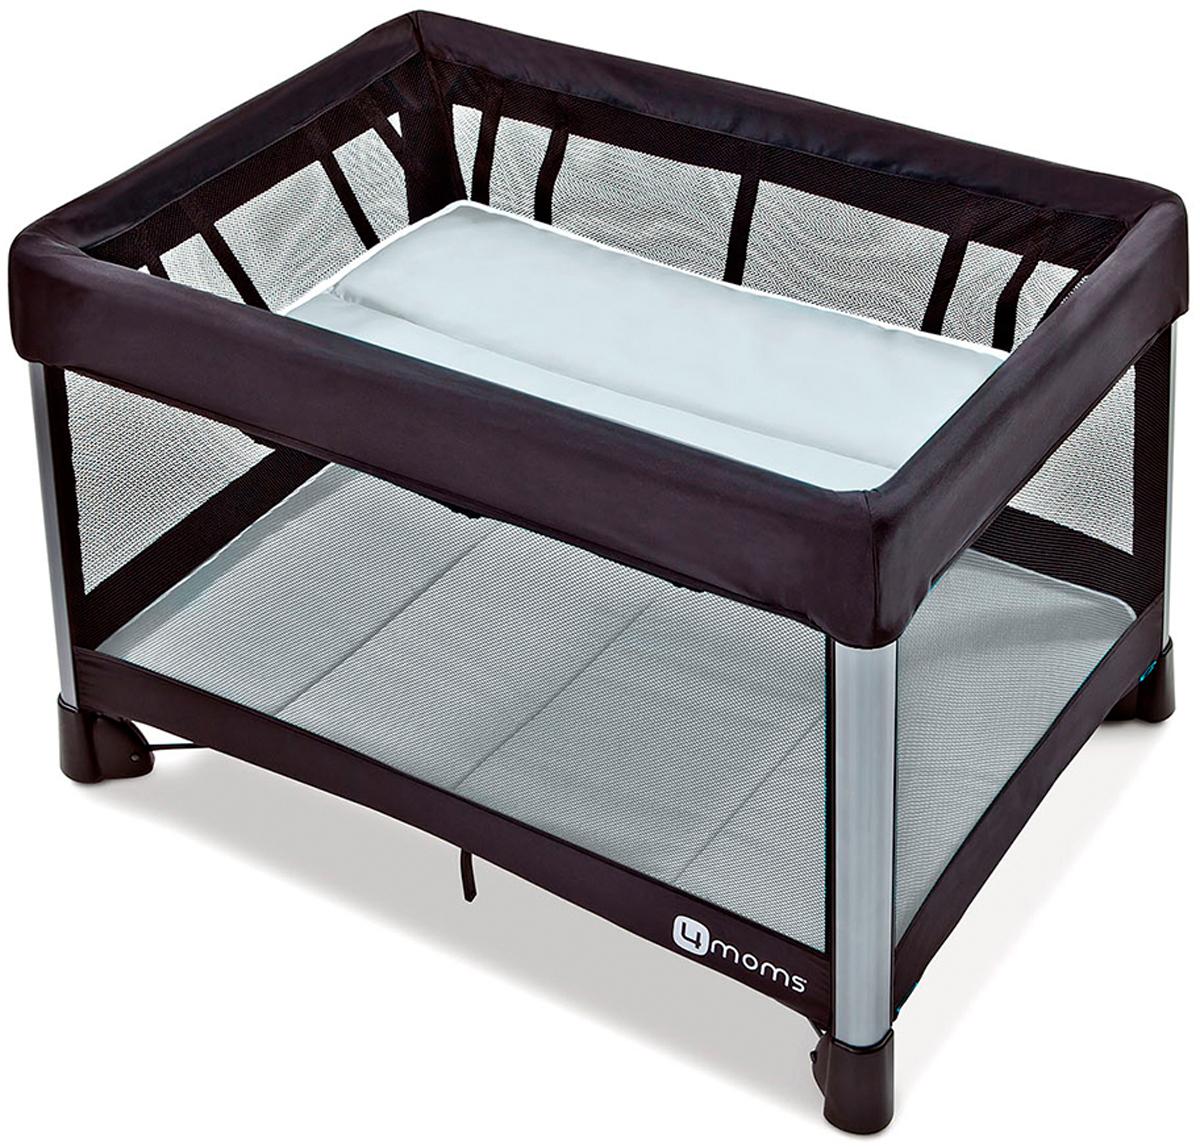 4moms Манеж-кроватка Breeze 2 цвет серый манеж 4moms 4moms манеж кровать breeze серый